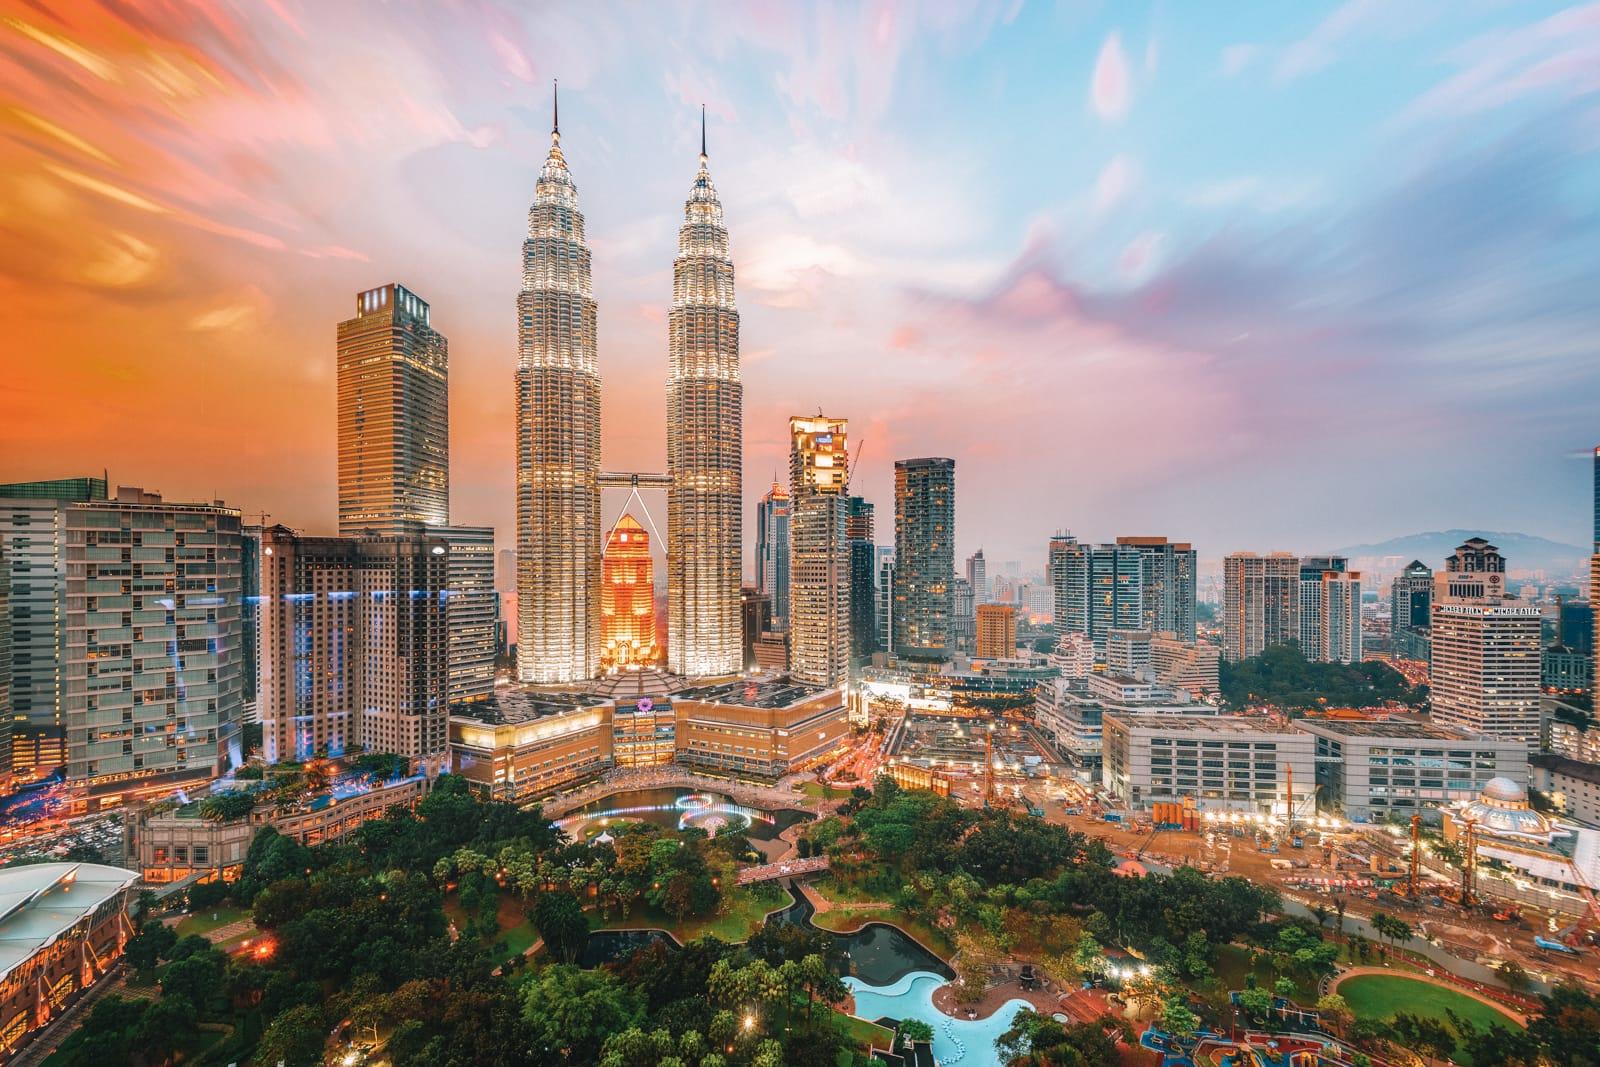 du-lich-malaysia-16